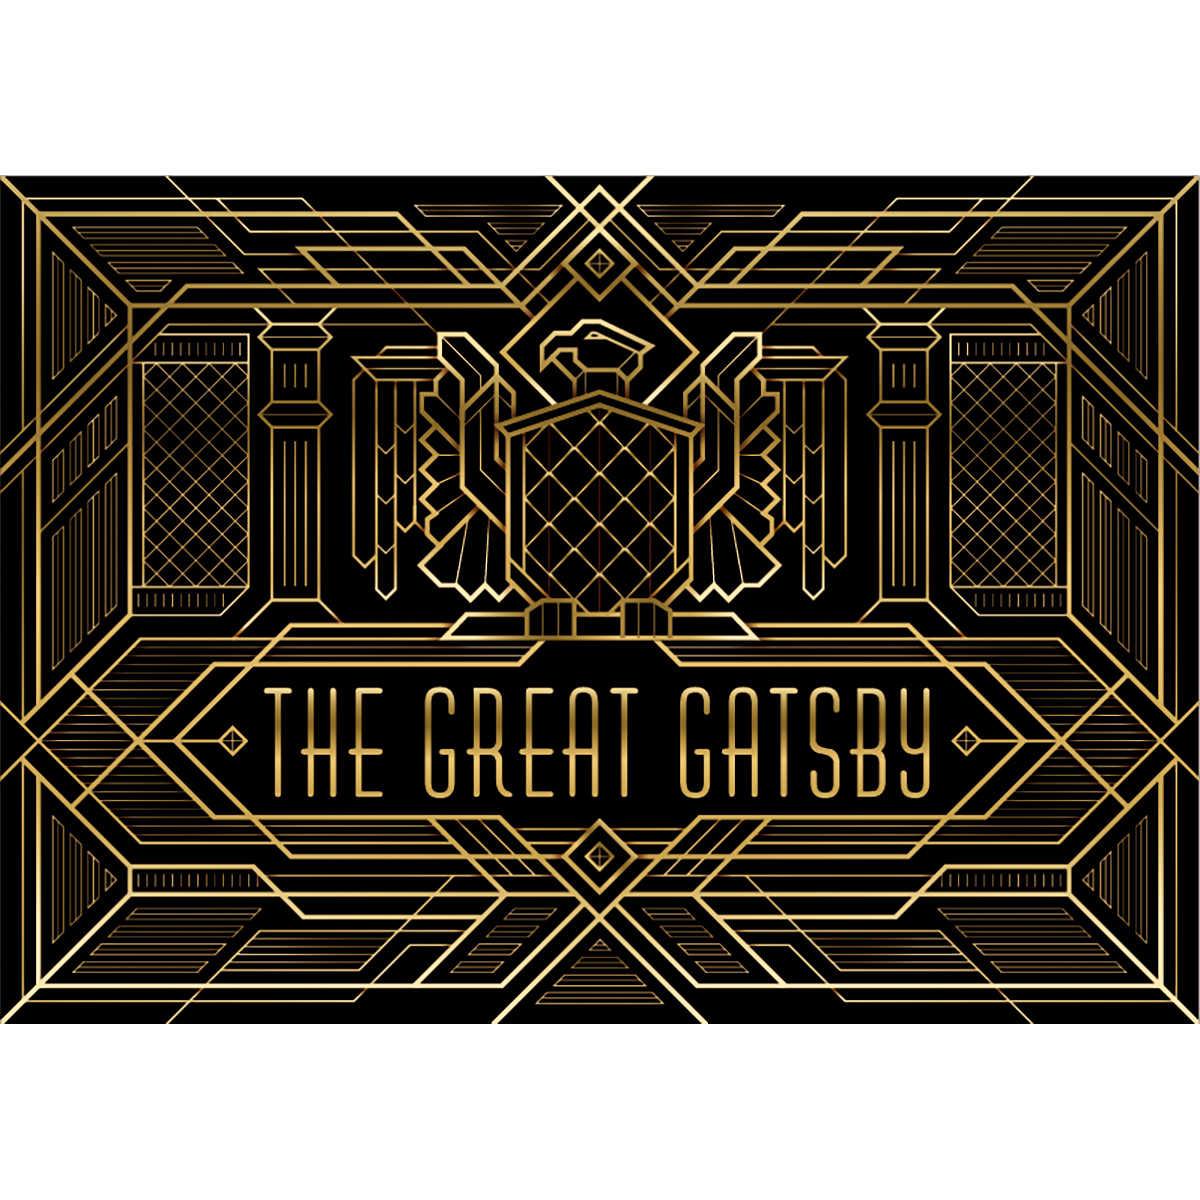 Allenjoy lujoso telón de fondo el tema del gran Gatsby Golden Palace Event Wall photozone adulto cumpleaños fiesta de celebración decoración de banner